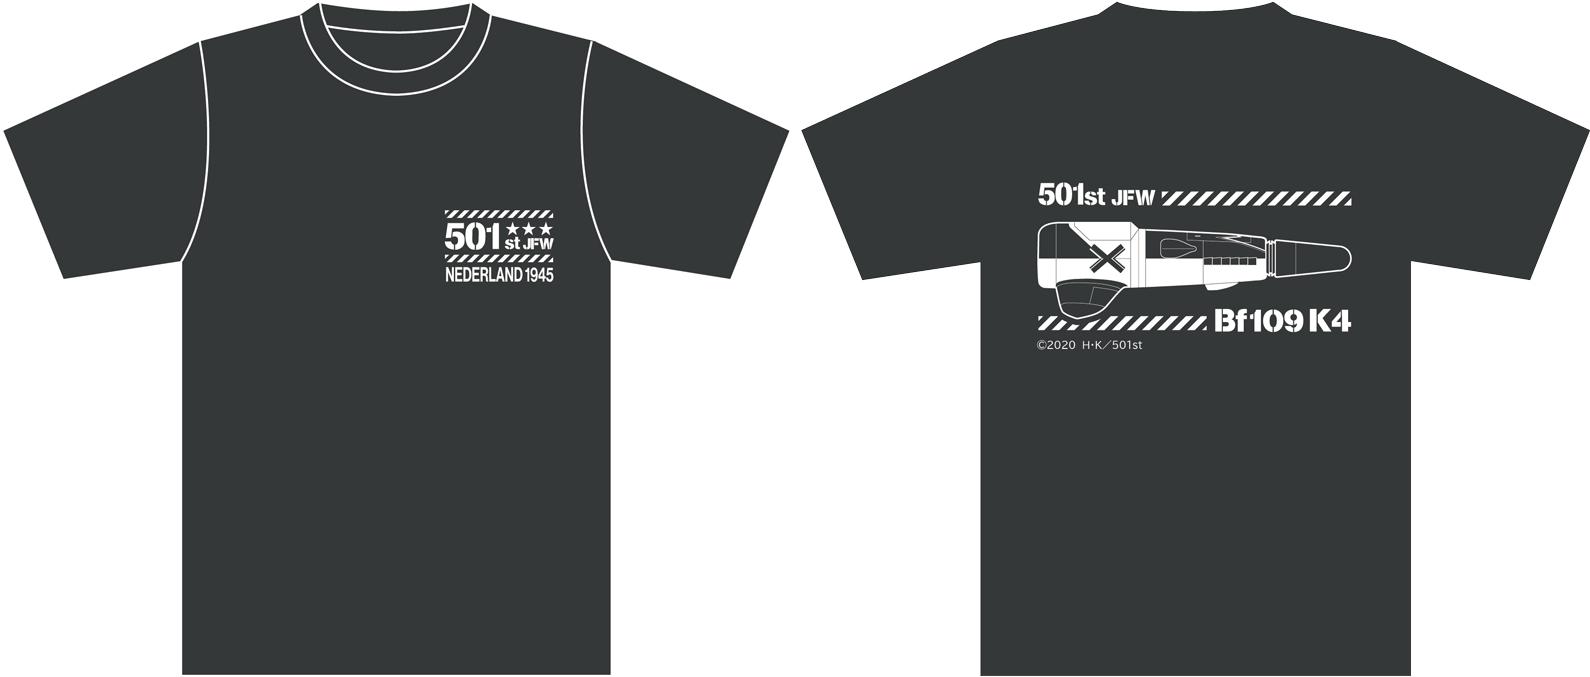 ストライカーユニットTシャツ メッサーシャルフBf109 K4 ハルトマン仕様